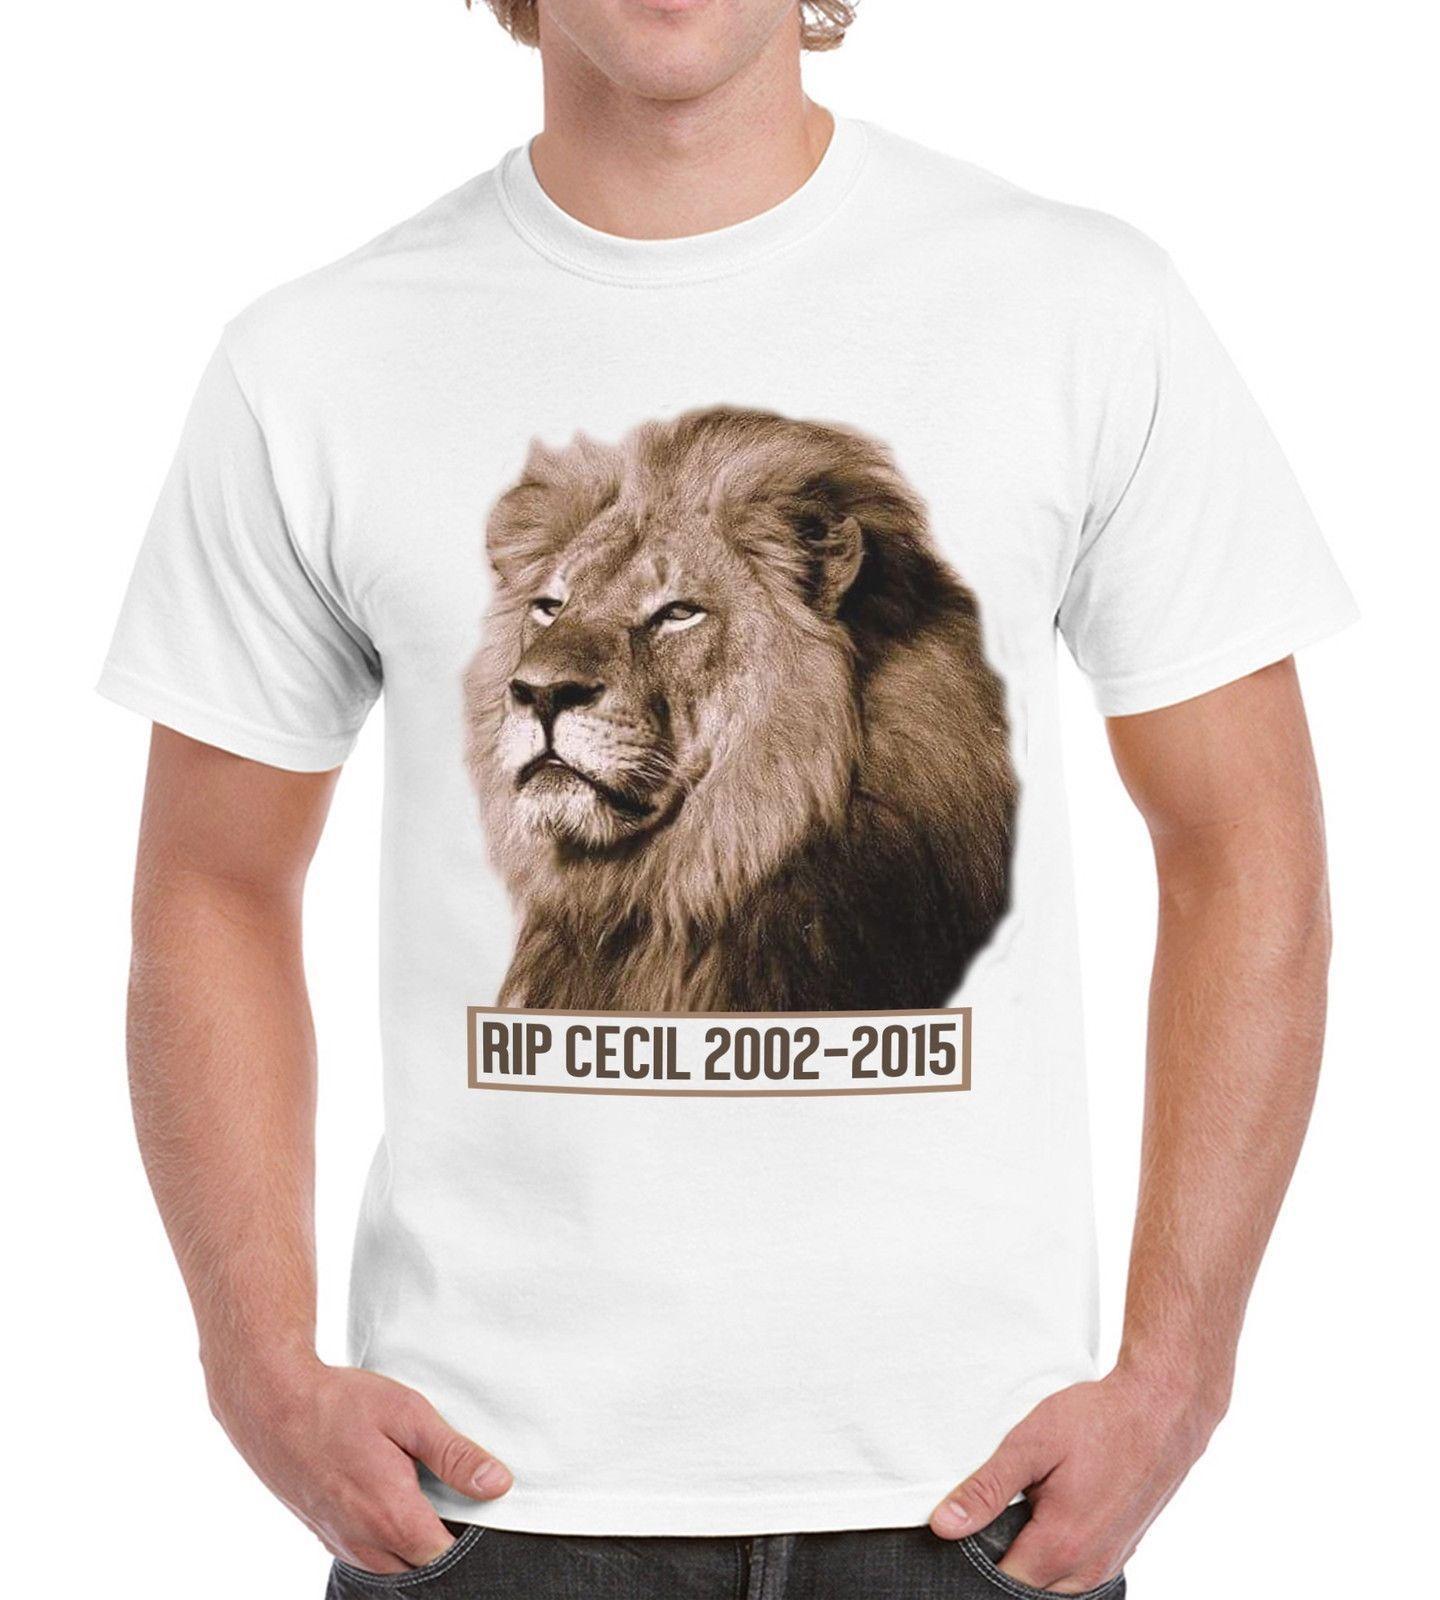 9cb6d7ed90848 Großhandel RISS Cecil Das Tier Rechte T Shirt Der Löwe Afrika Männer T Shirt  Der Frauen Mord Grausames Von Dxpstore33, $11.63 Auf De.Dhgate.Com | Dhgate